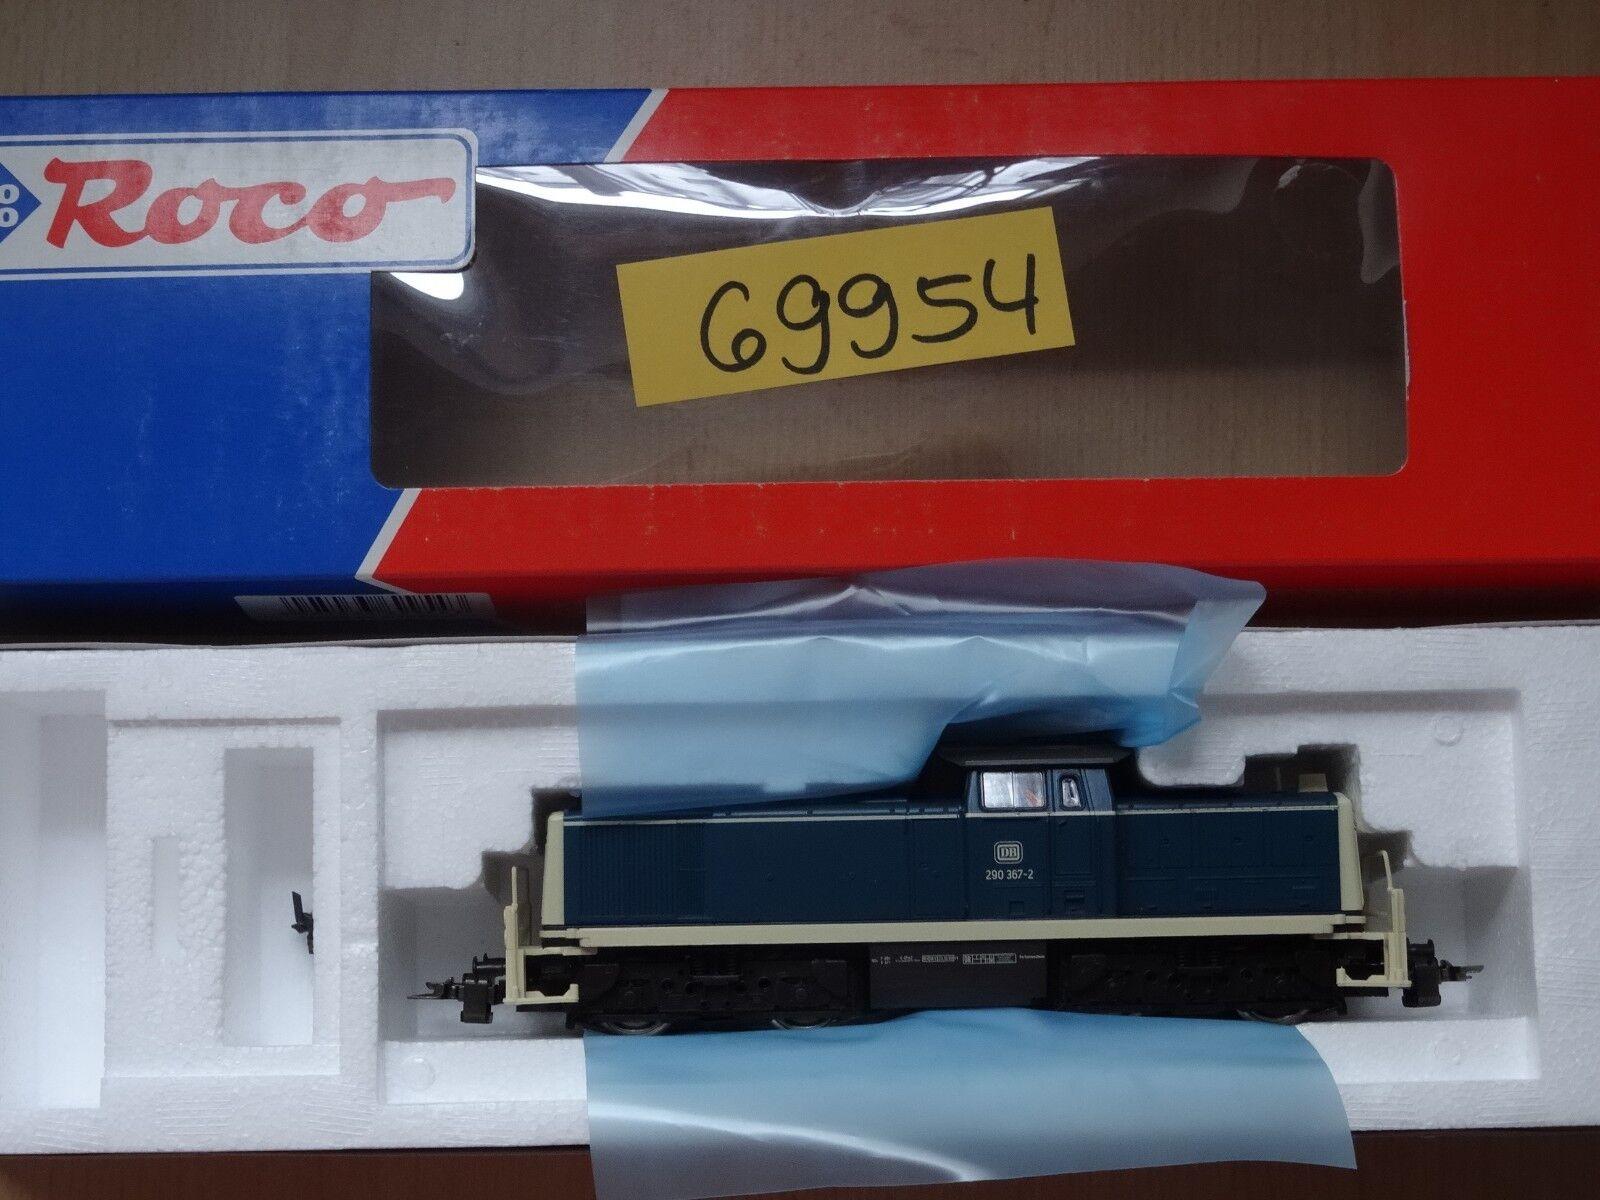 ROCO HO ART 69954 DIESEL BR 290, AC, Merce Nuova Ovp